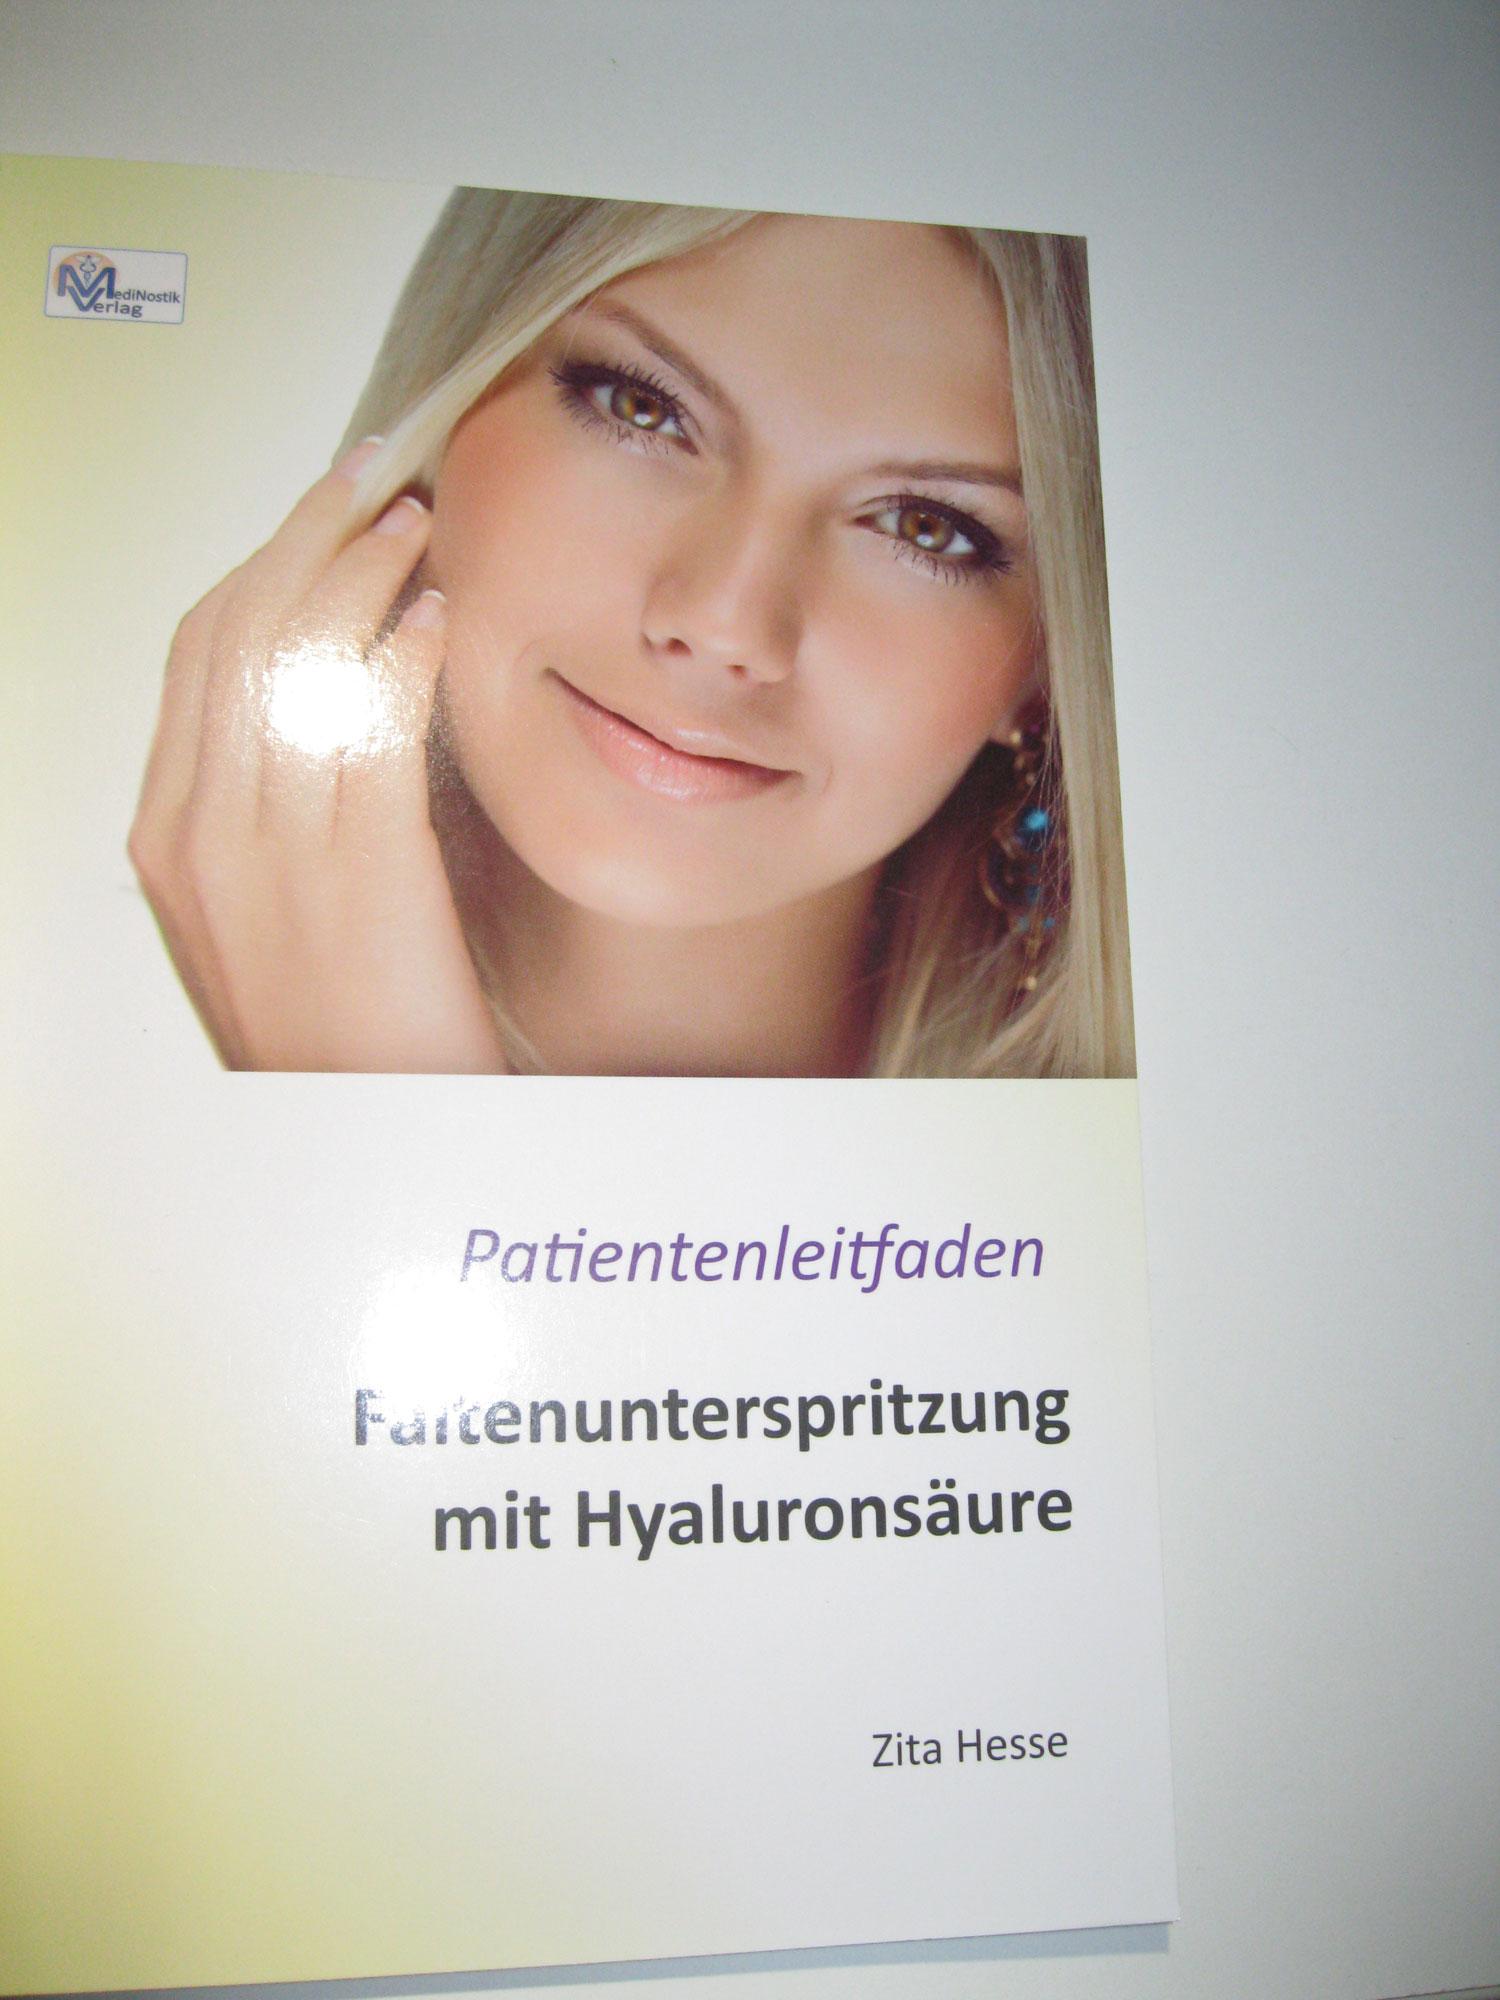 Hyaluron-Faltenunterspritzung-Patientenratgeber